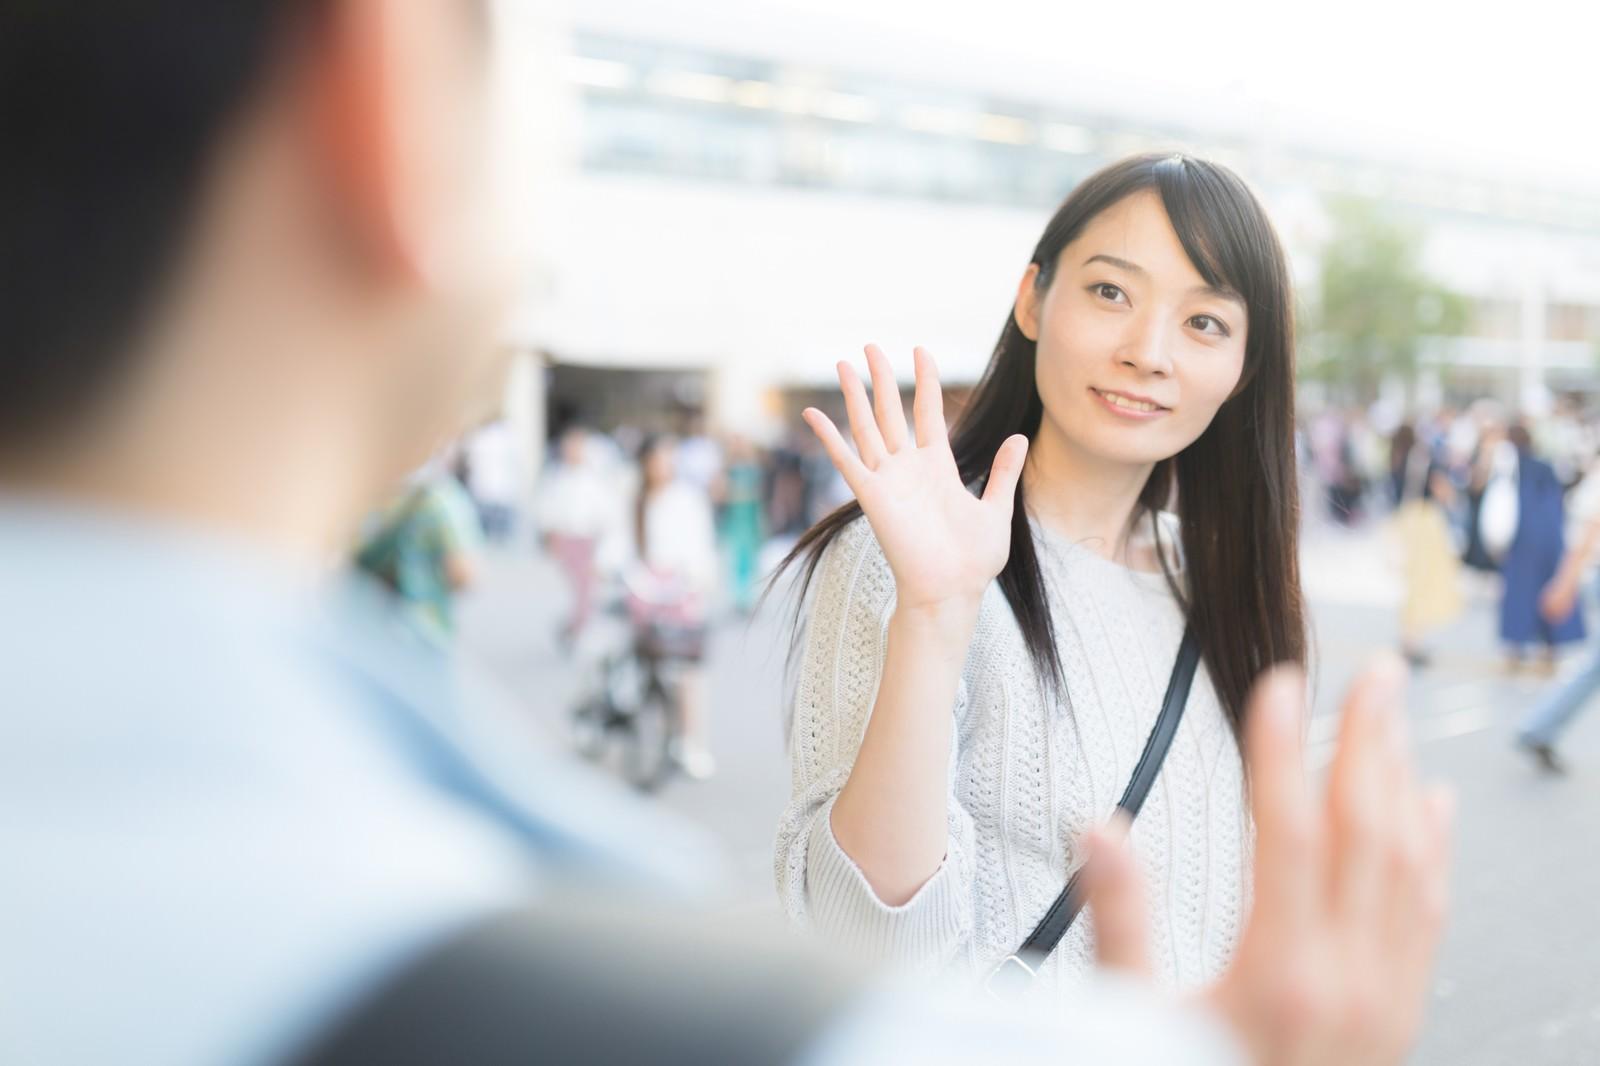 「彼女と駅前で待ち合わせ」の写真[モデル:たけべともこ]